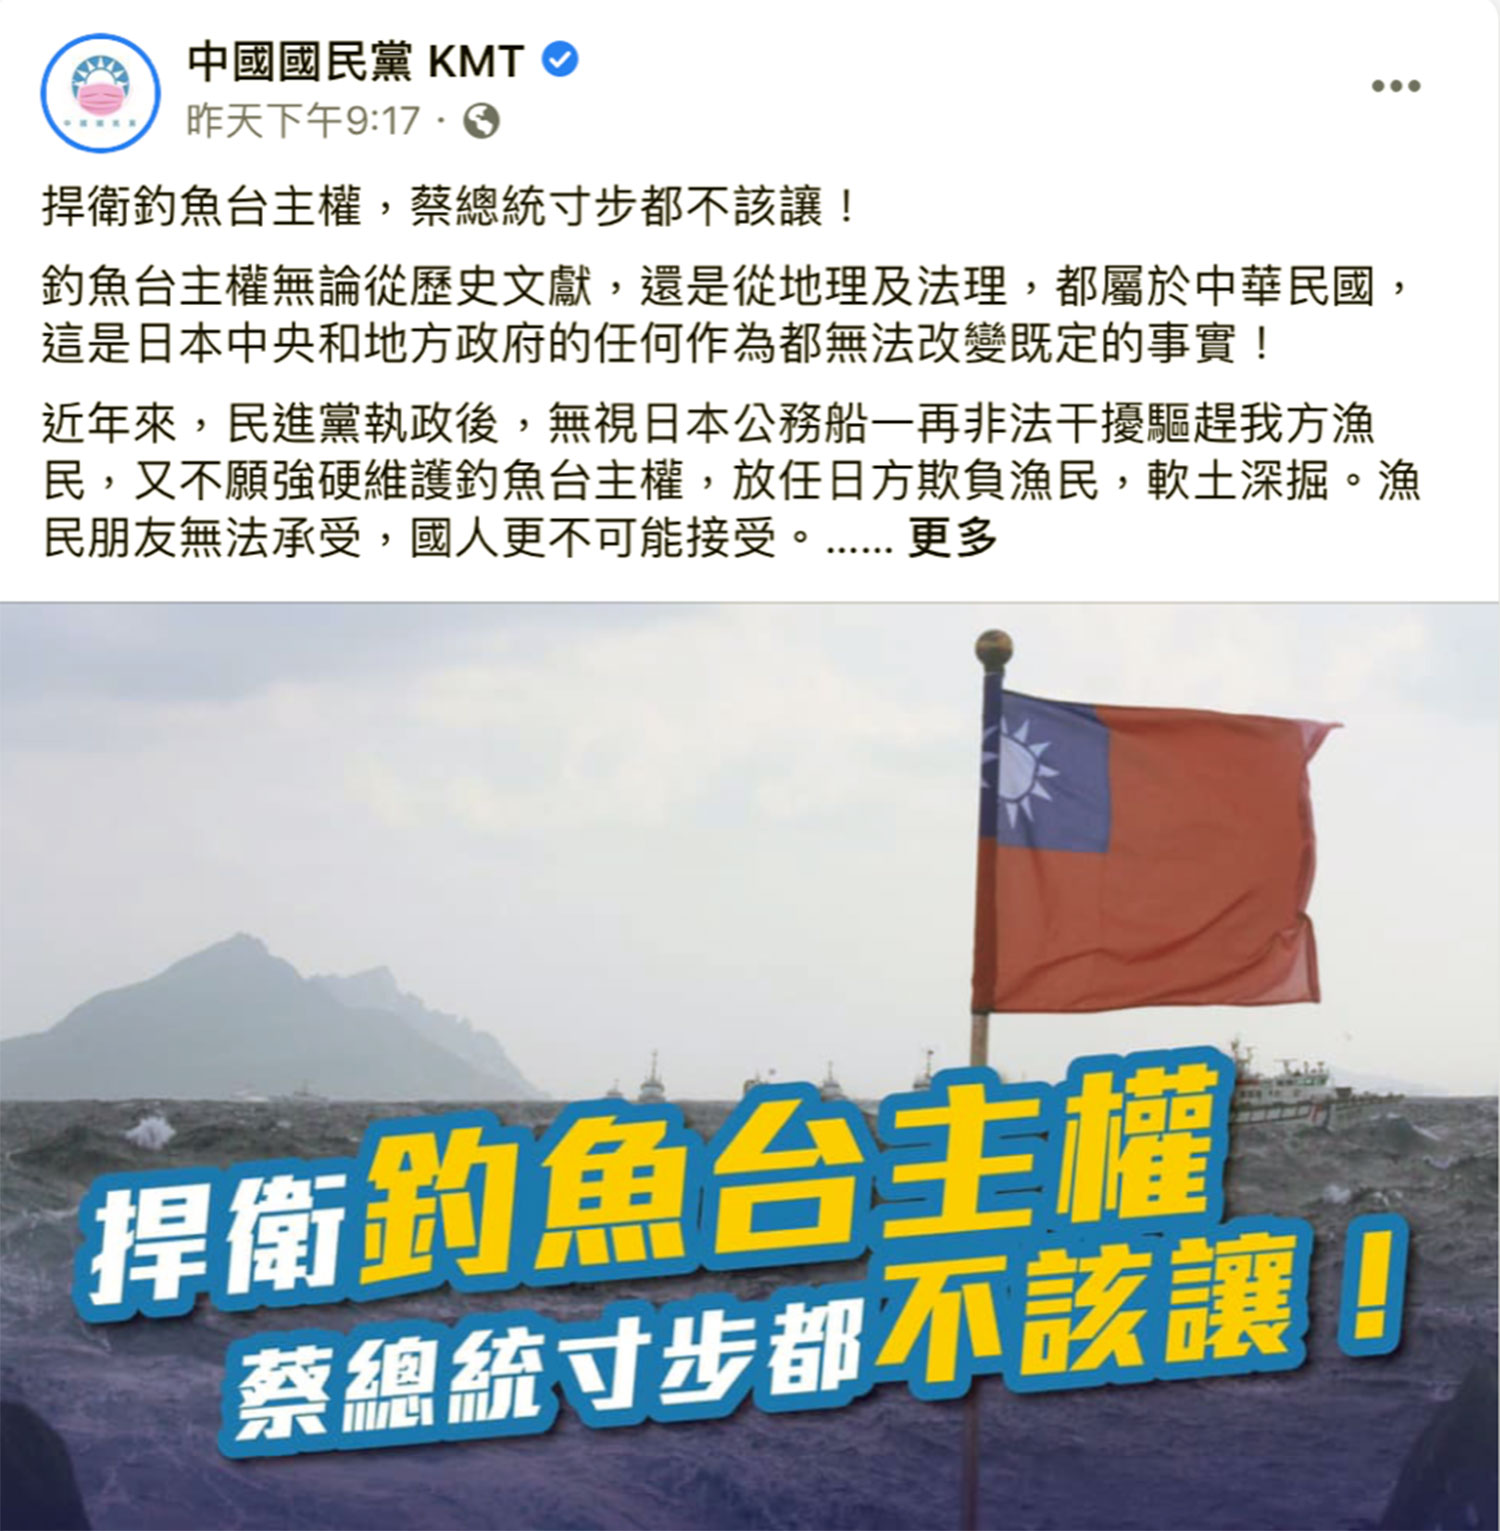 国民党要求民进党政府捍卫钓鱼台主权。(国民党脸书)